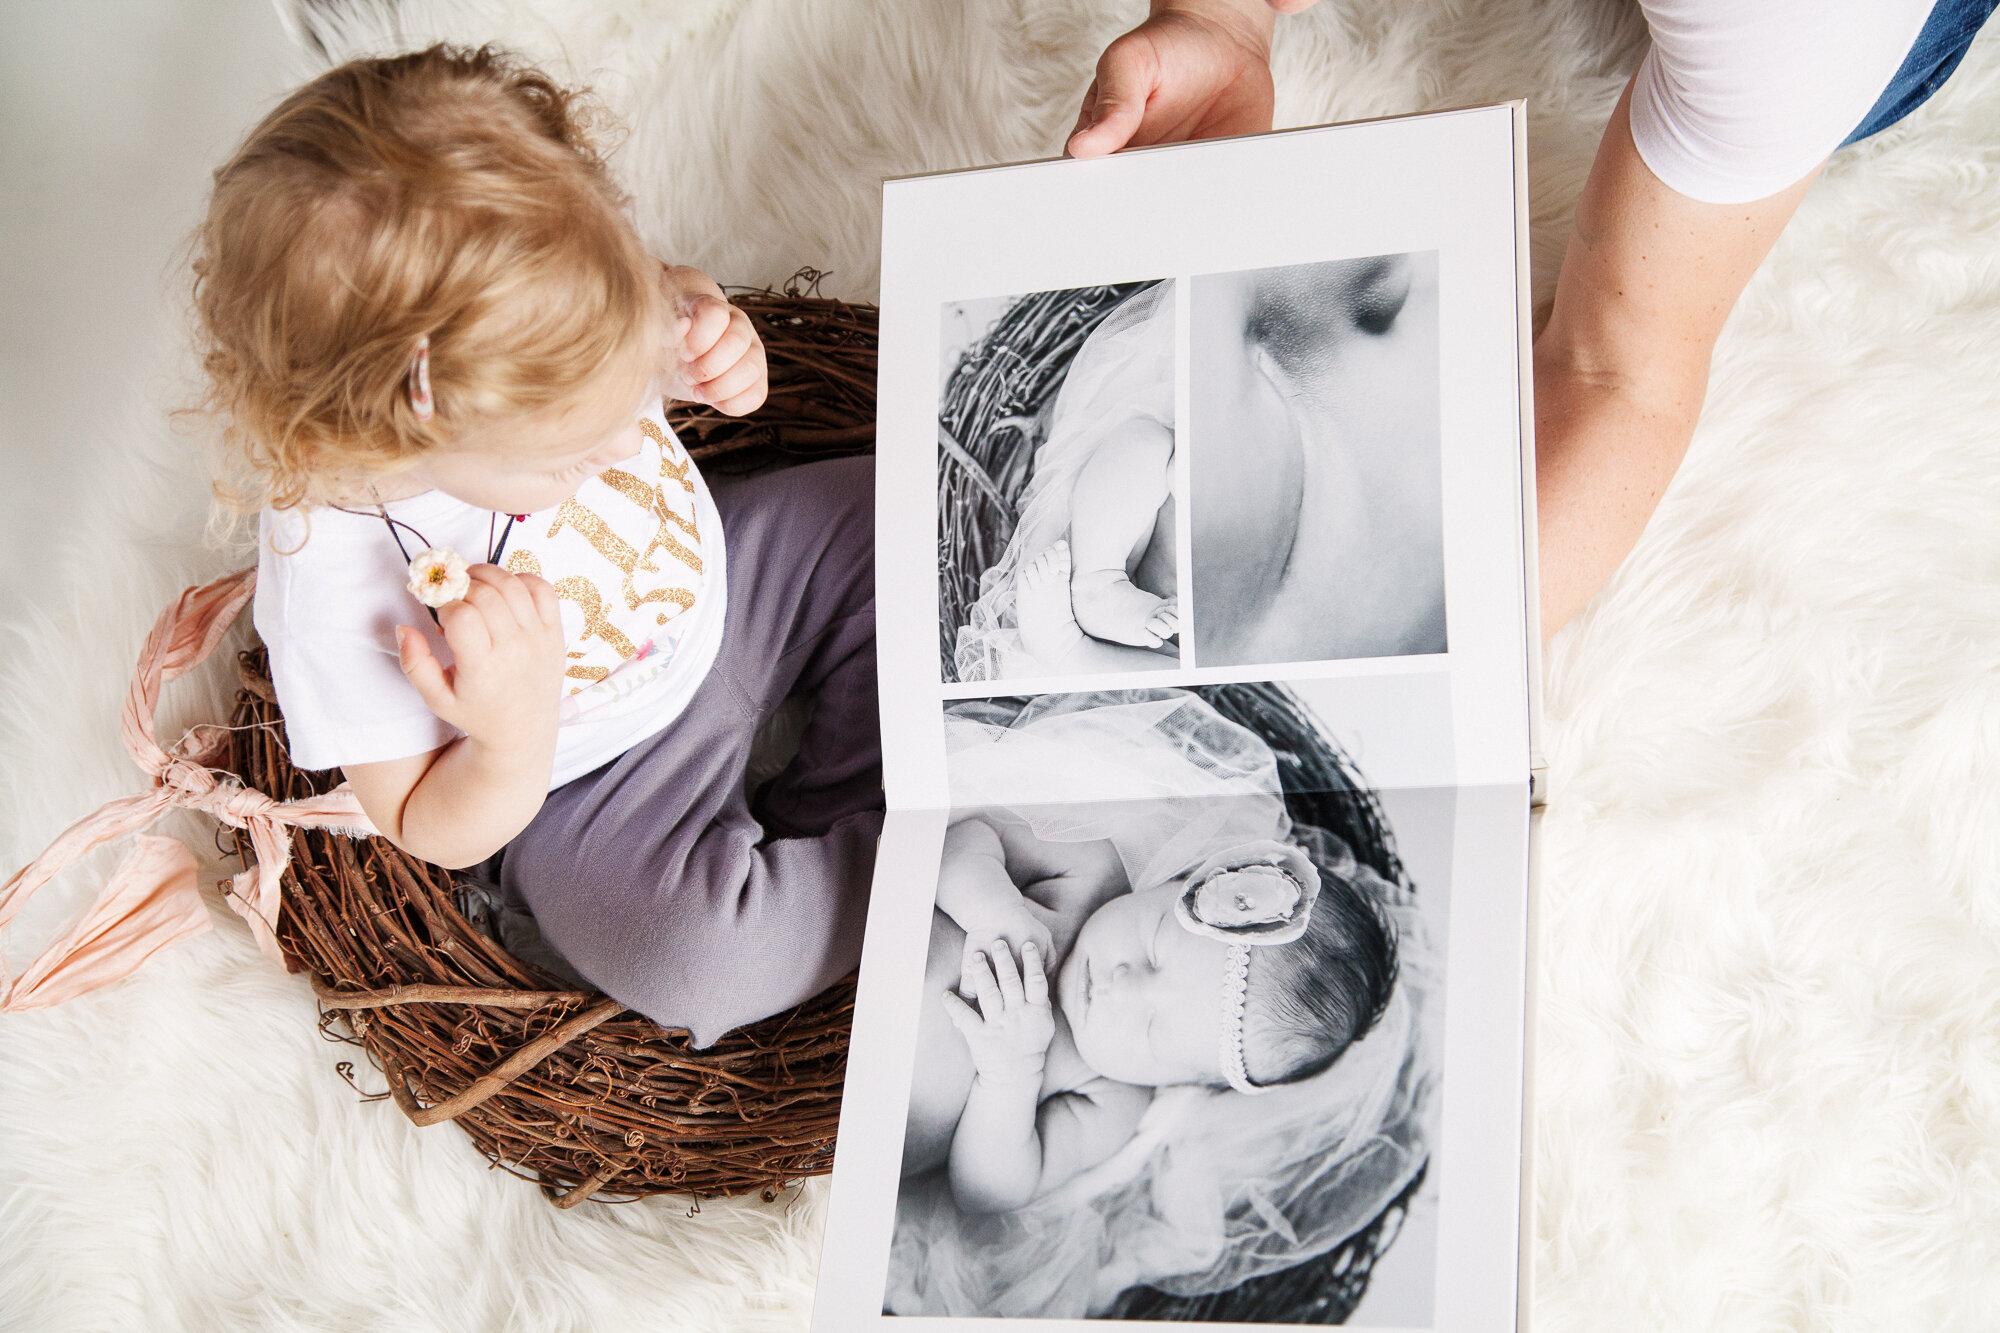 Toddler looking at newborn album